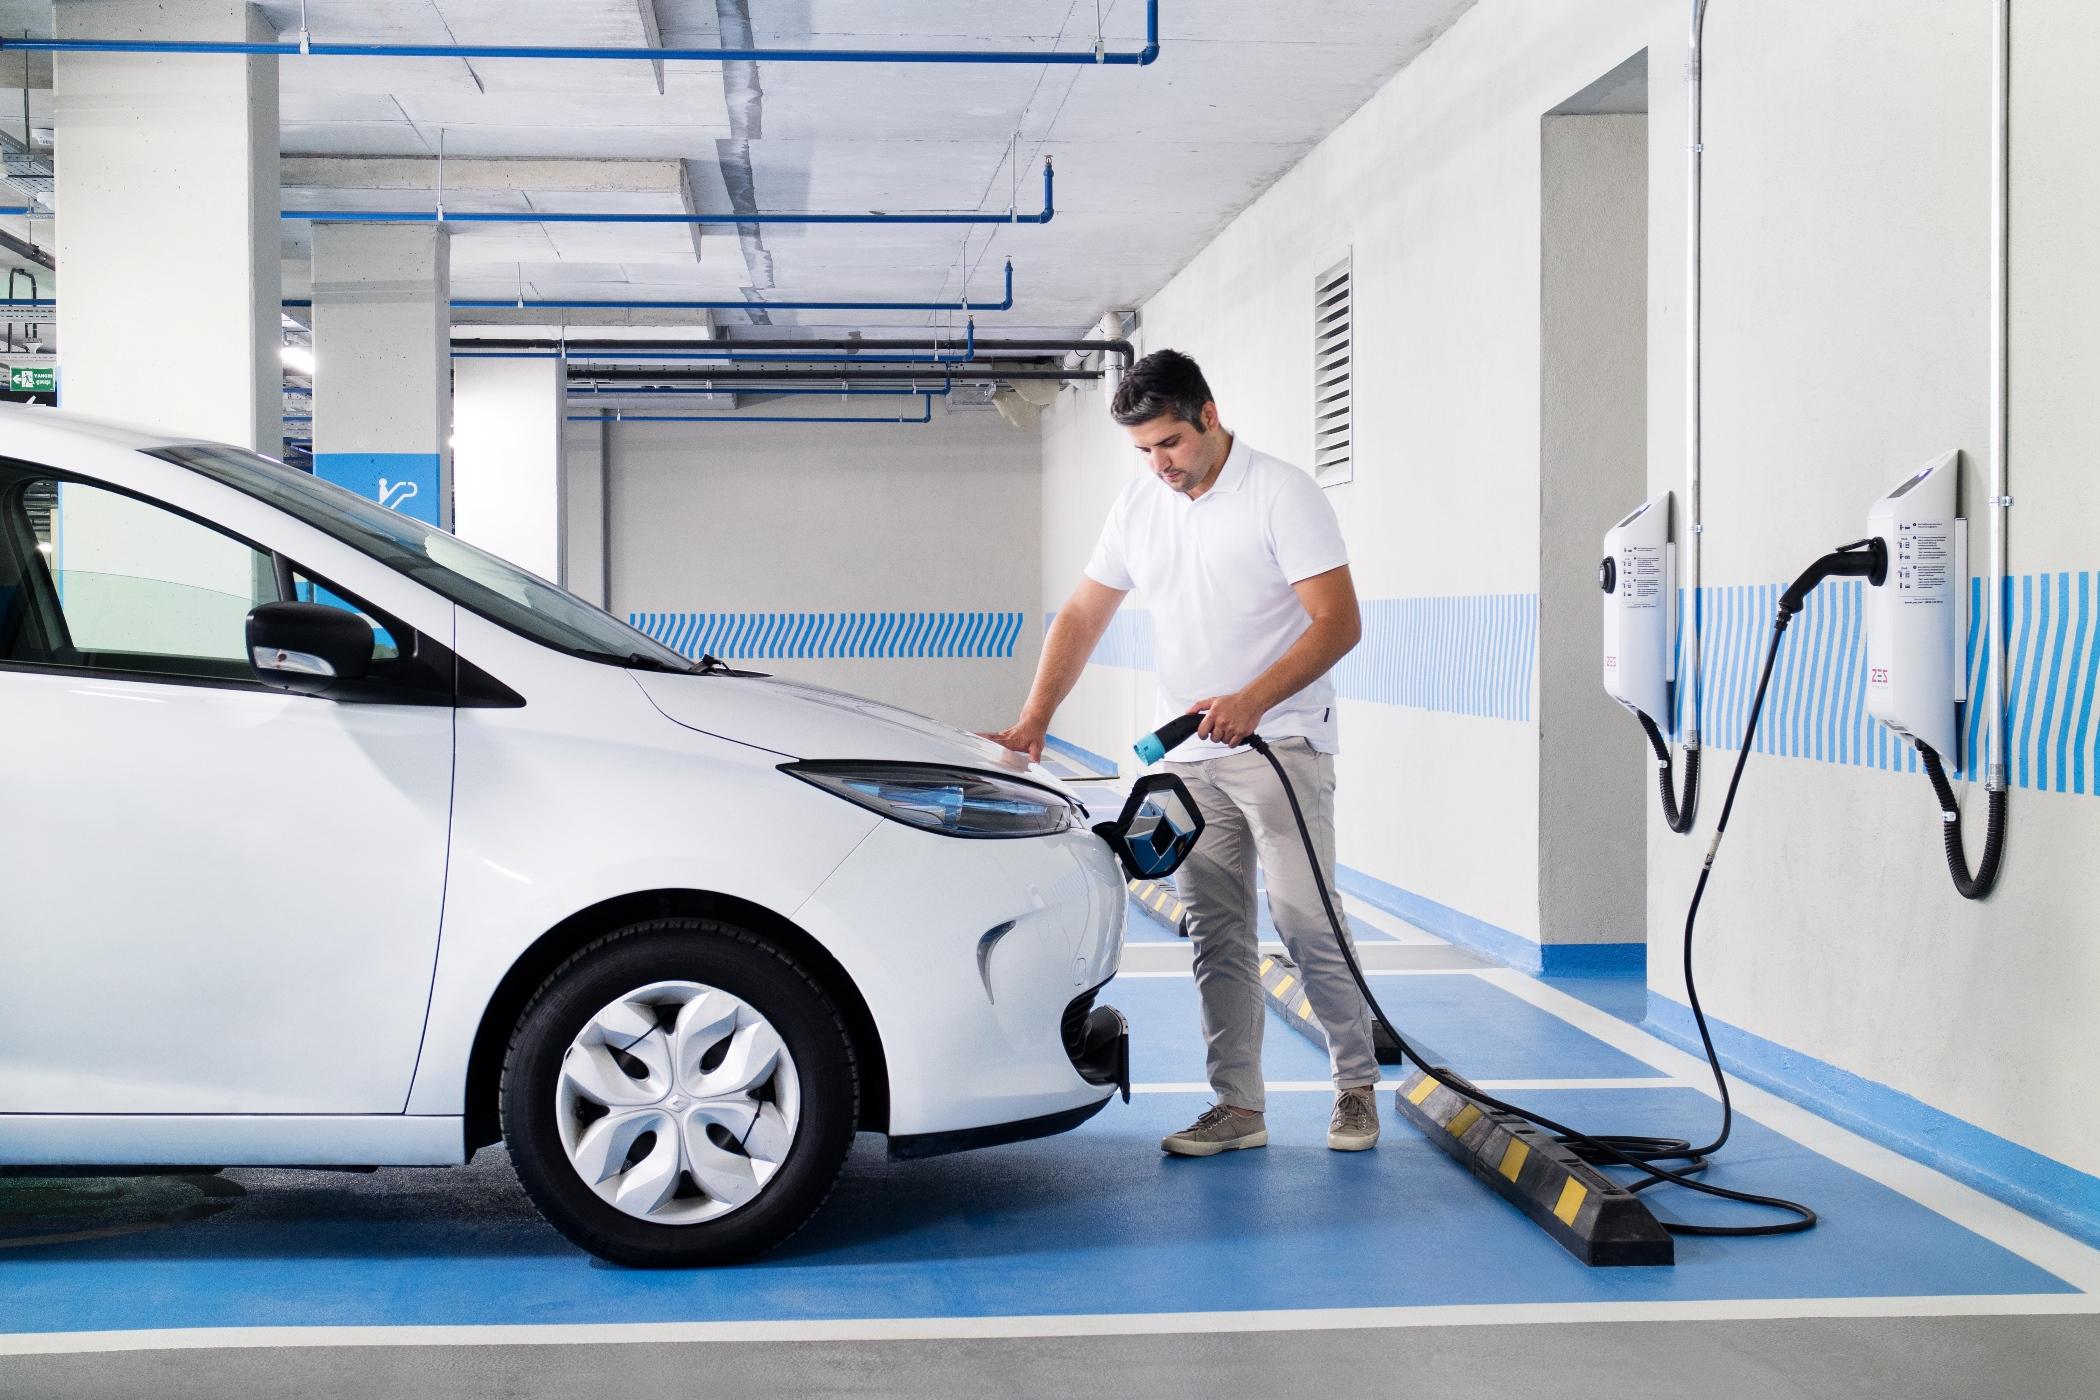 Zorlu Enerji'nin yeni nesil teknolojileri hayata geçiren markası ZES elektrikli araç şarj istasyonları, Piyalepaşa İstanbul'da hizmete girdi.